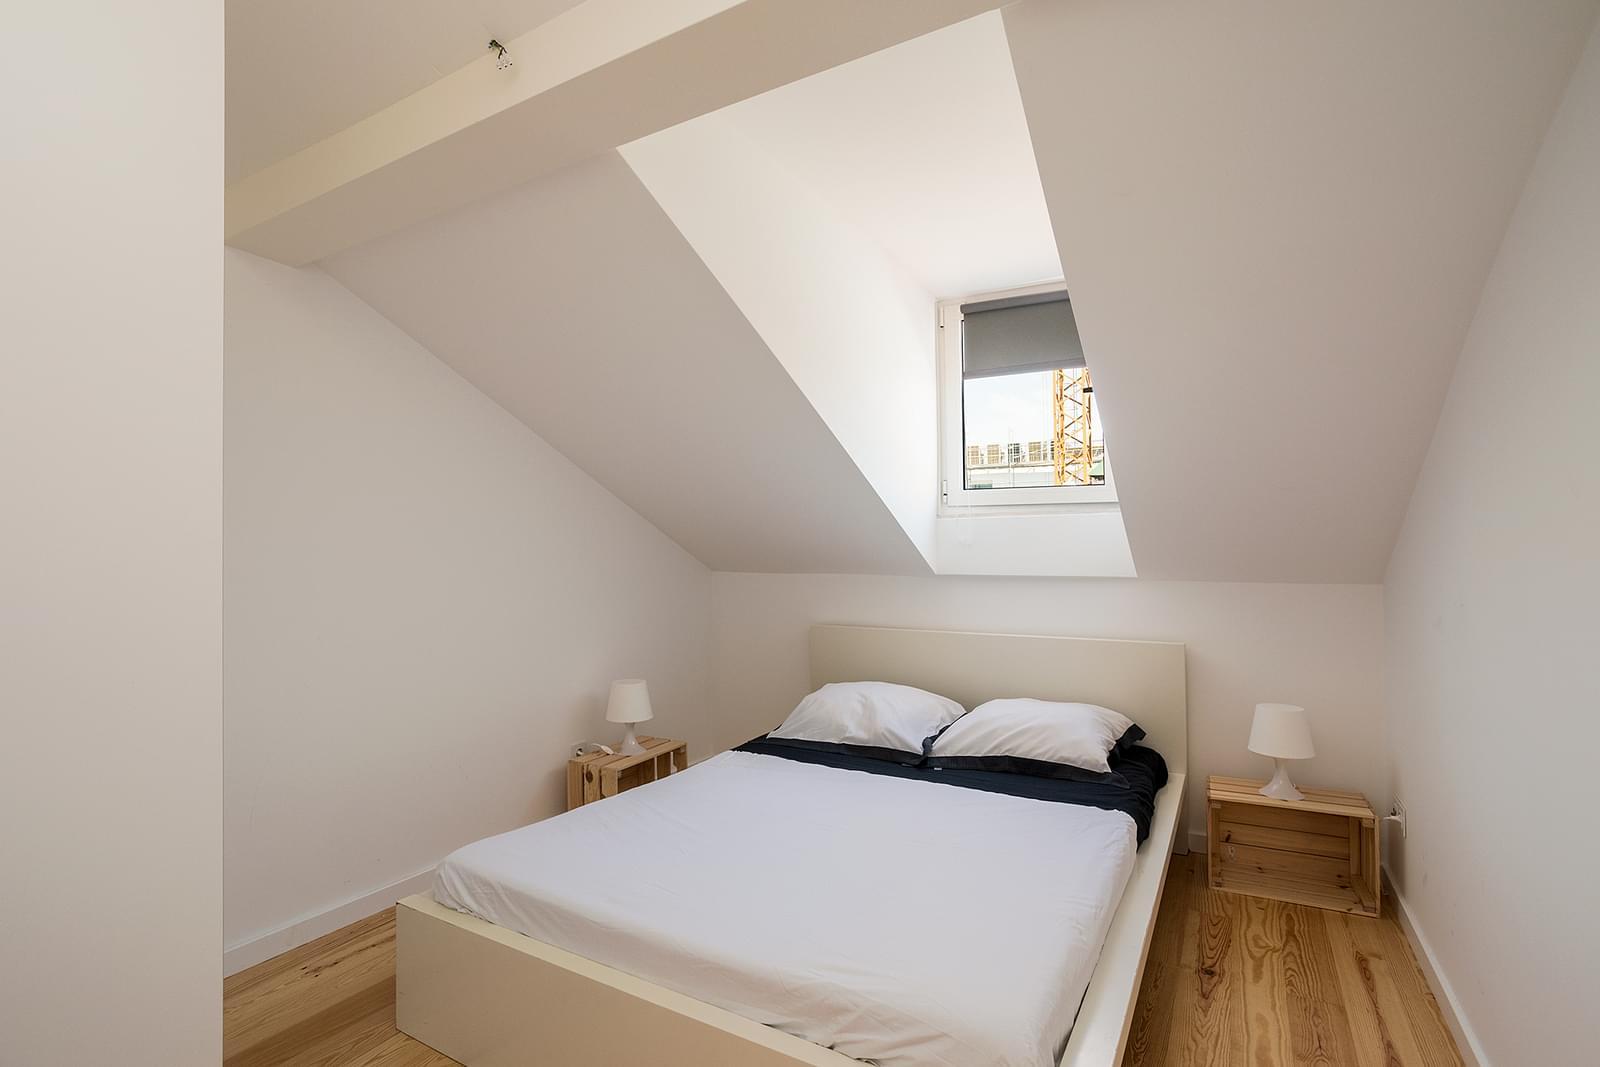 pf17273-apartamento-t2-lisboa-949cd74d-369a-4d14-b04c-43916f737cb0